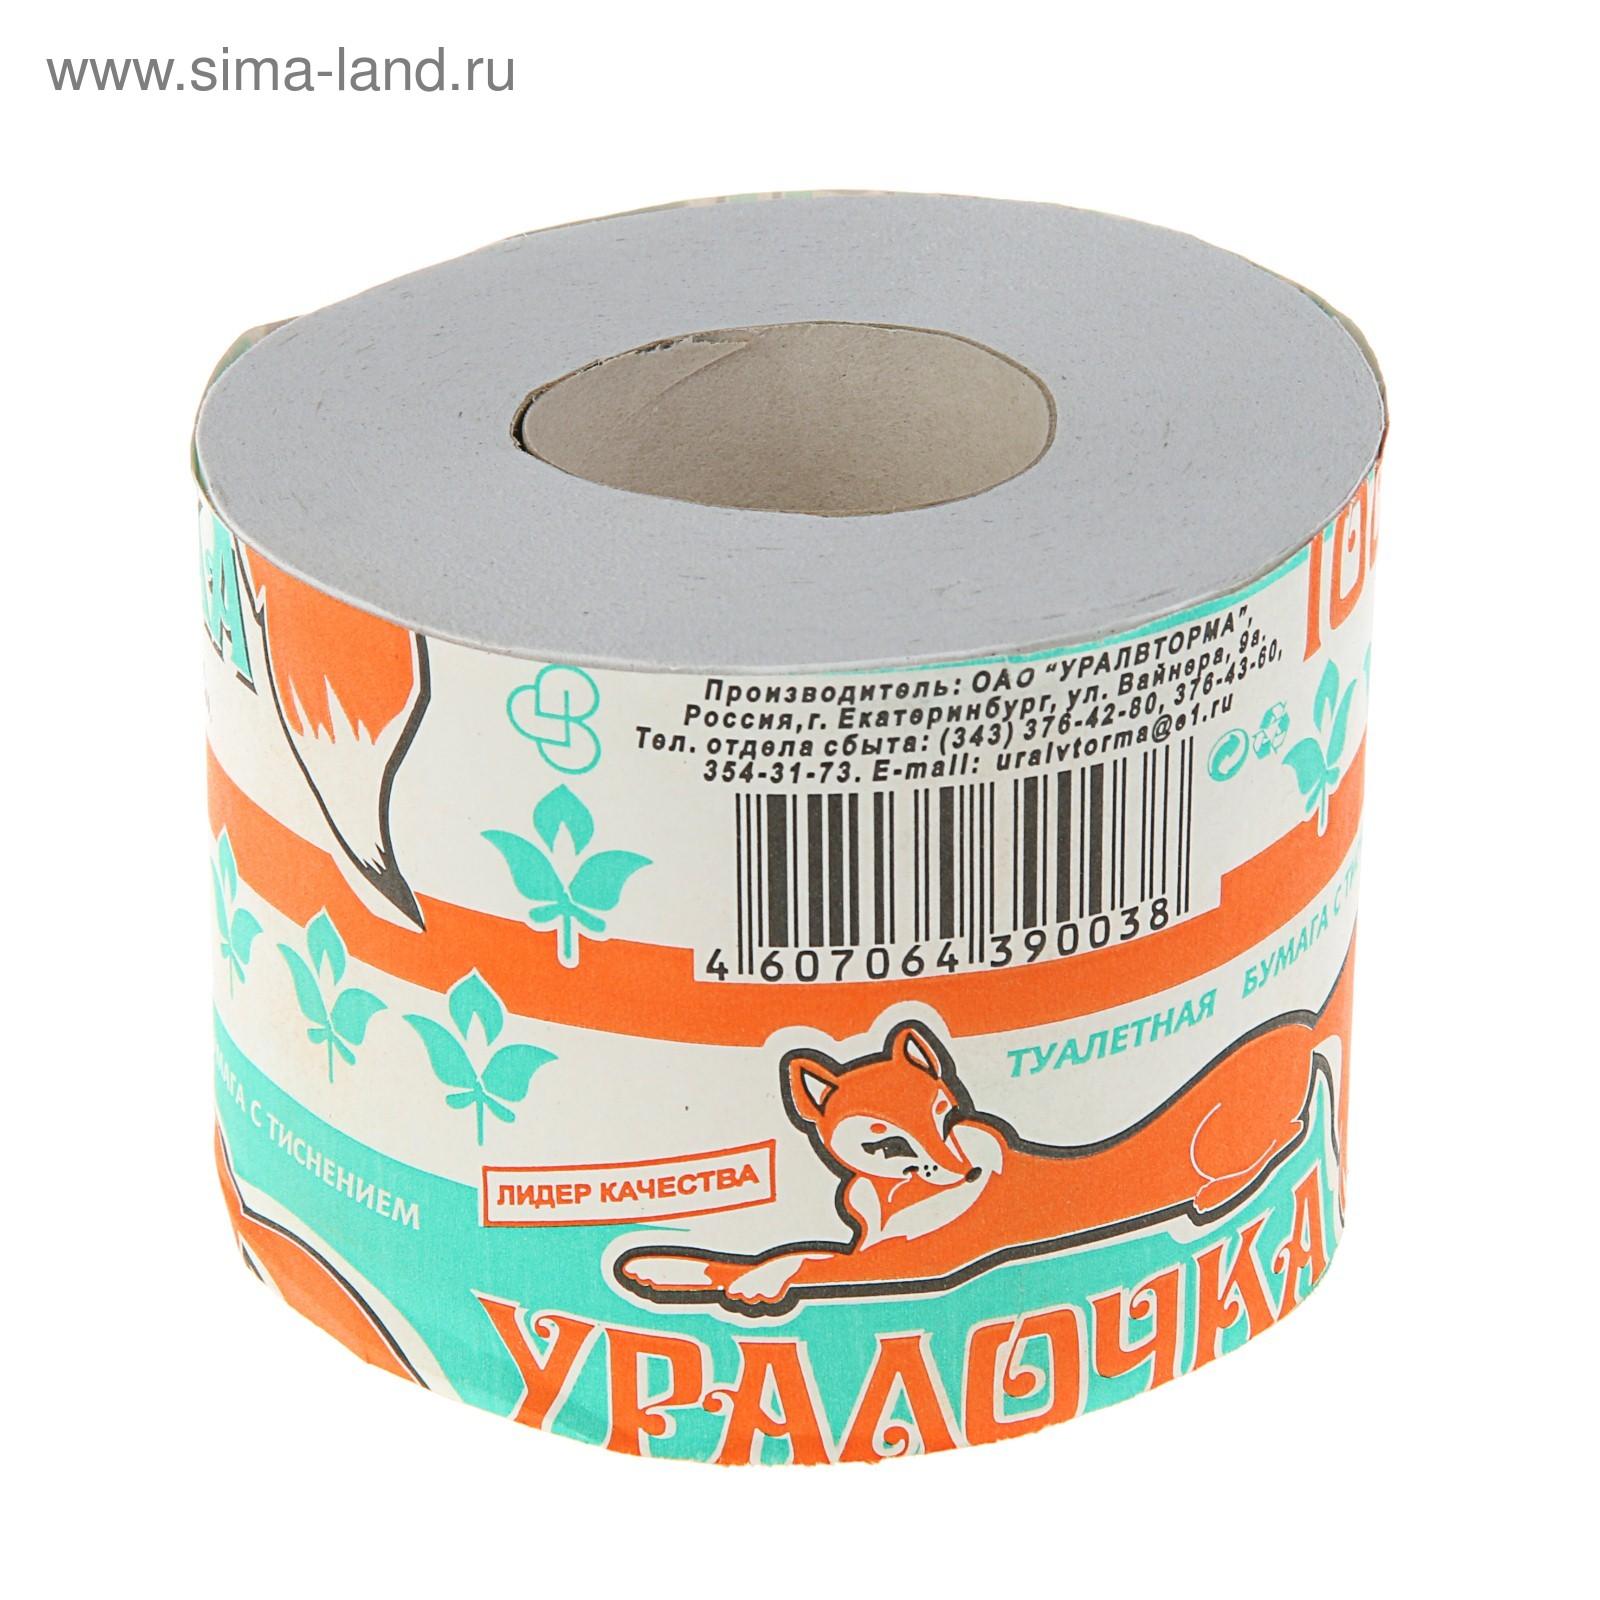 втулки от туалетной бумаги купить